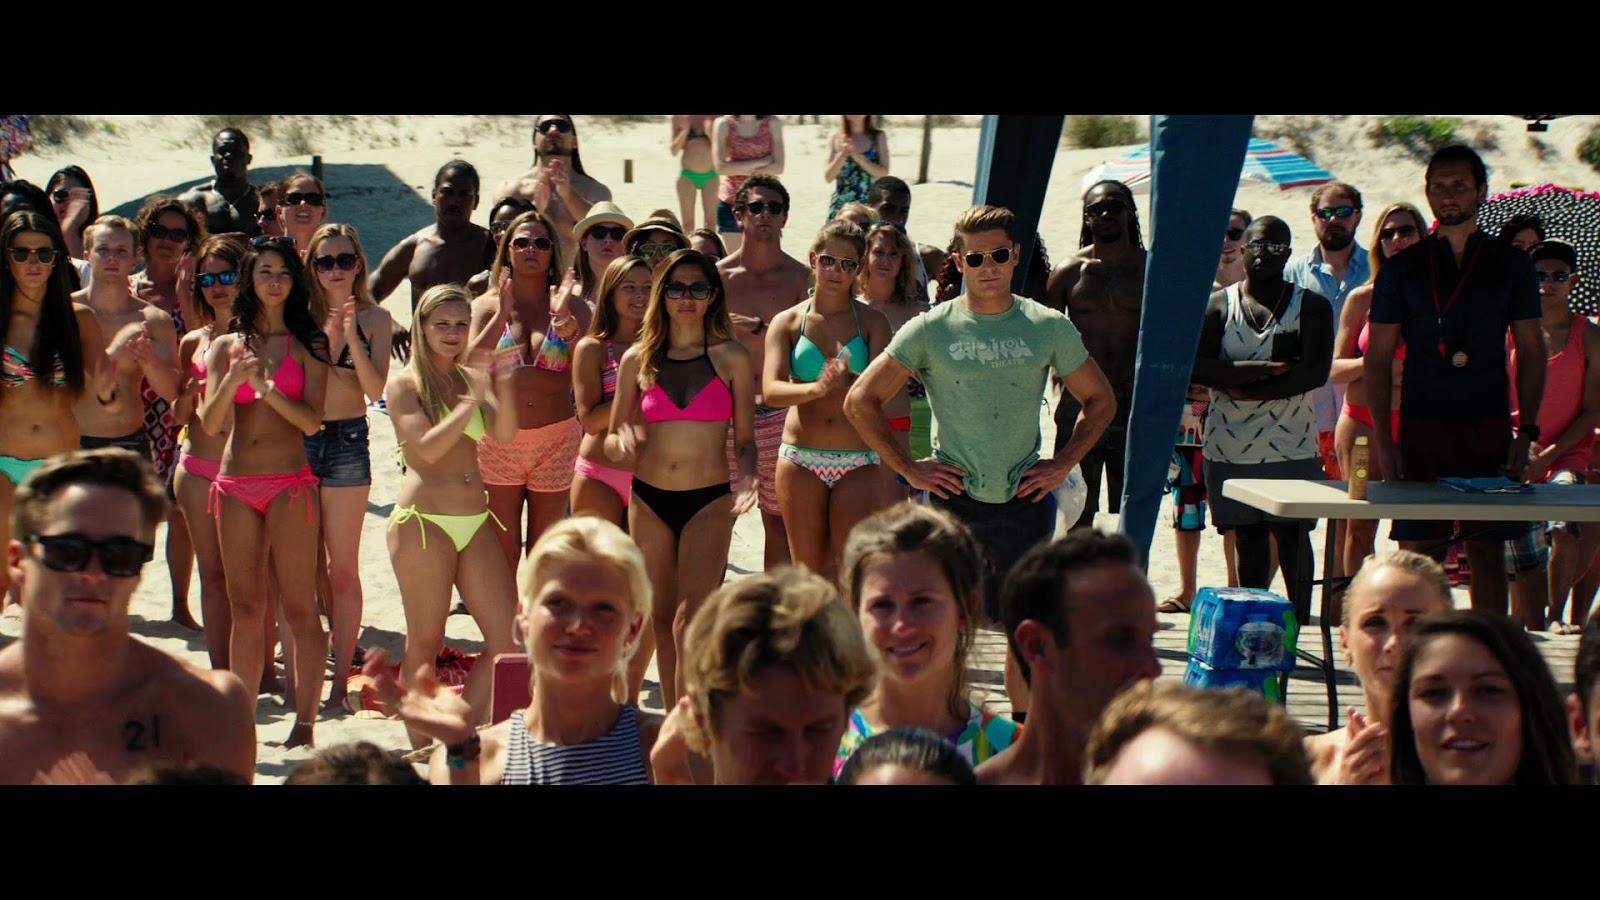 Baywatch Guardianes de la Bahía (2017) Full HD 1080p Latino - Ingles captura 2